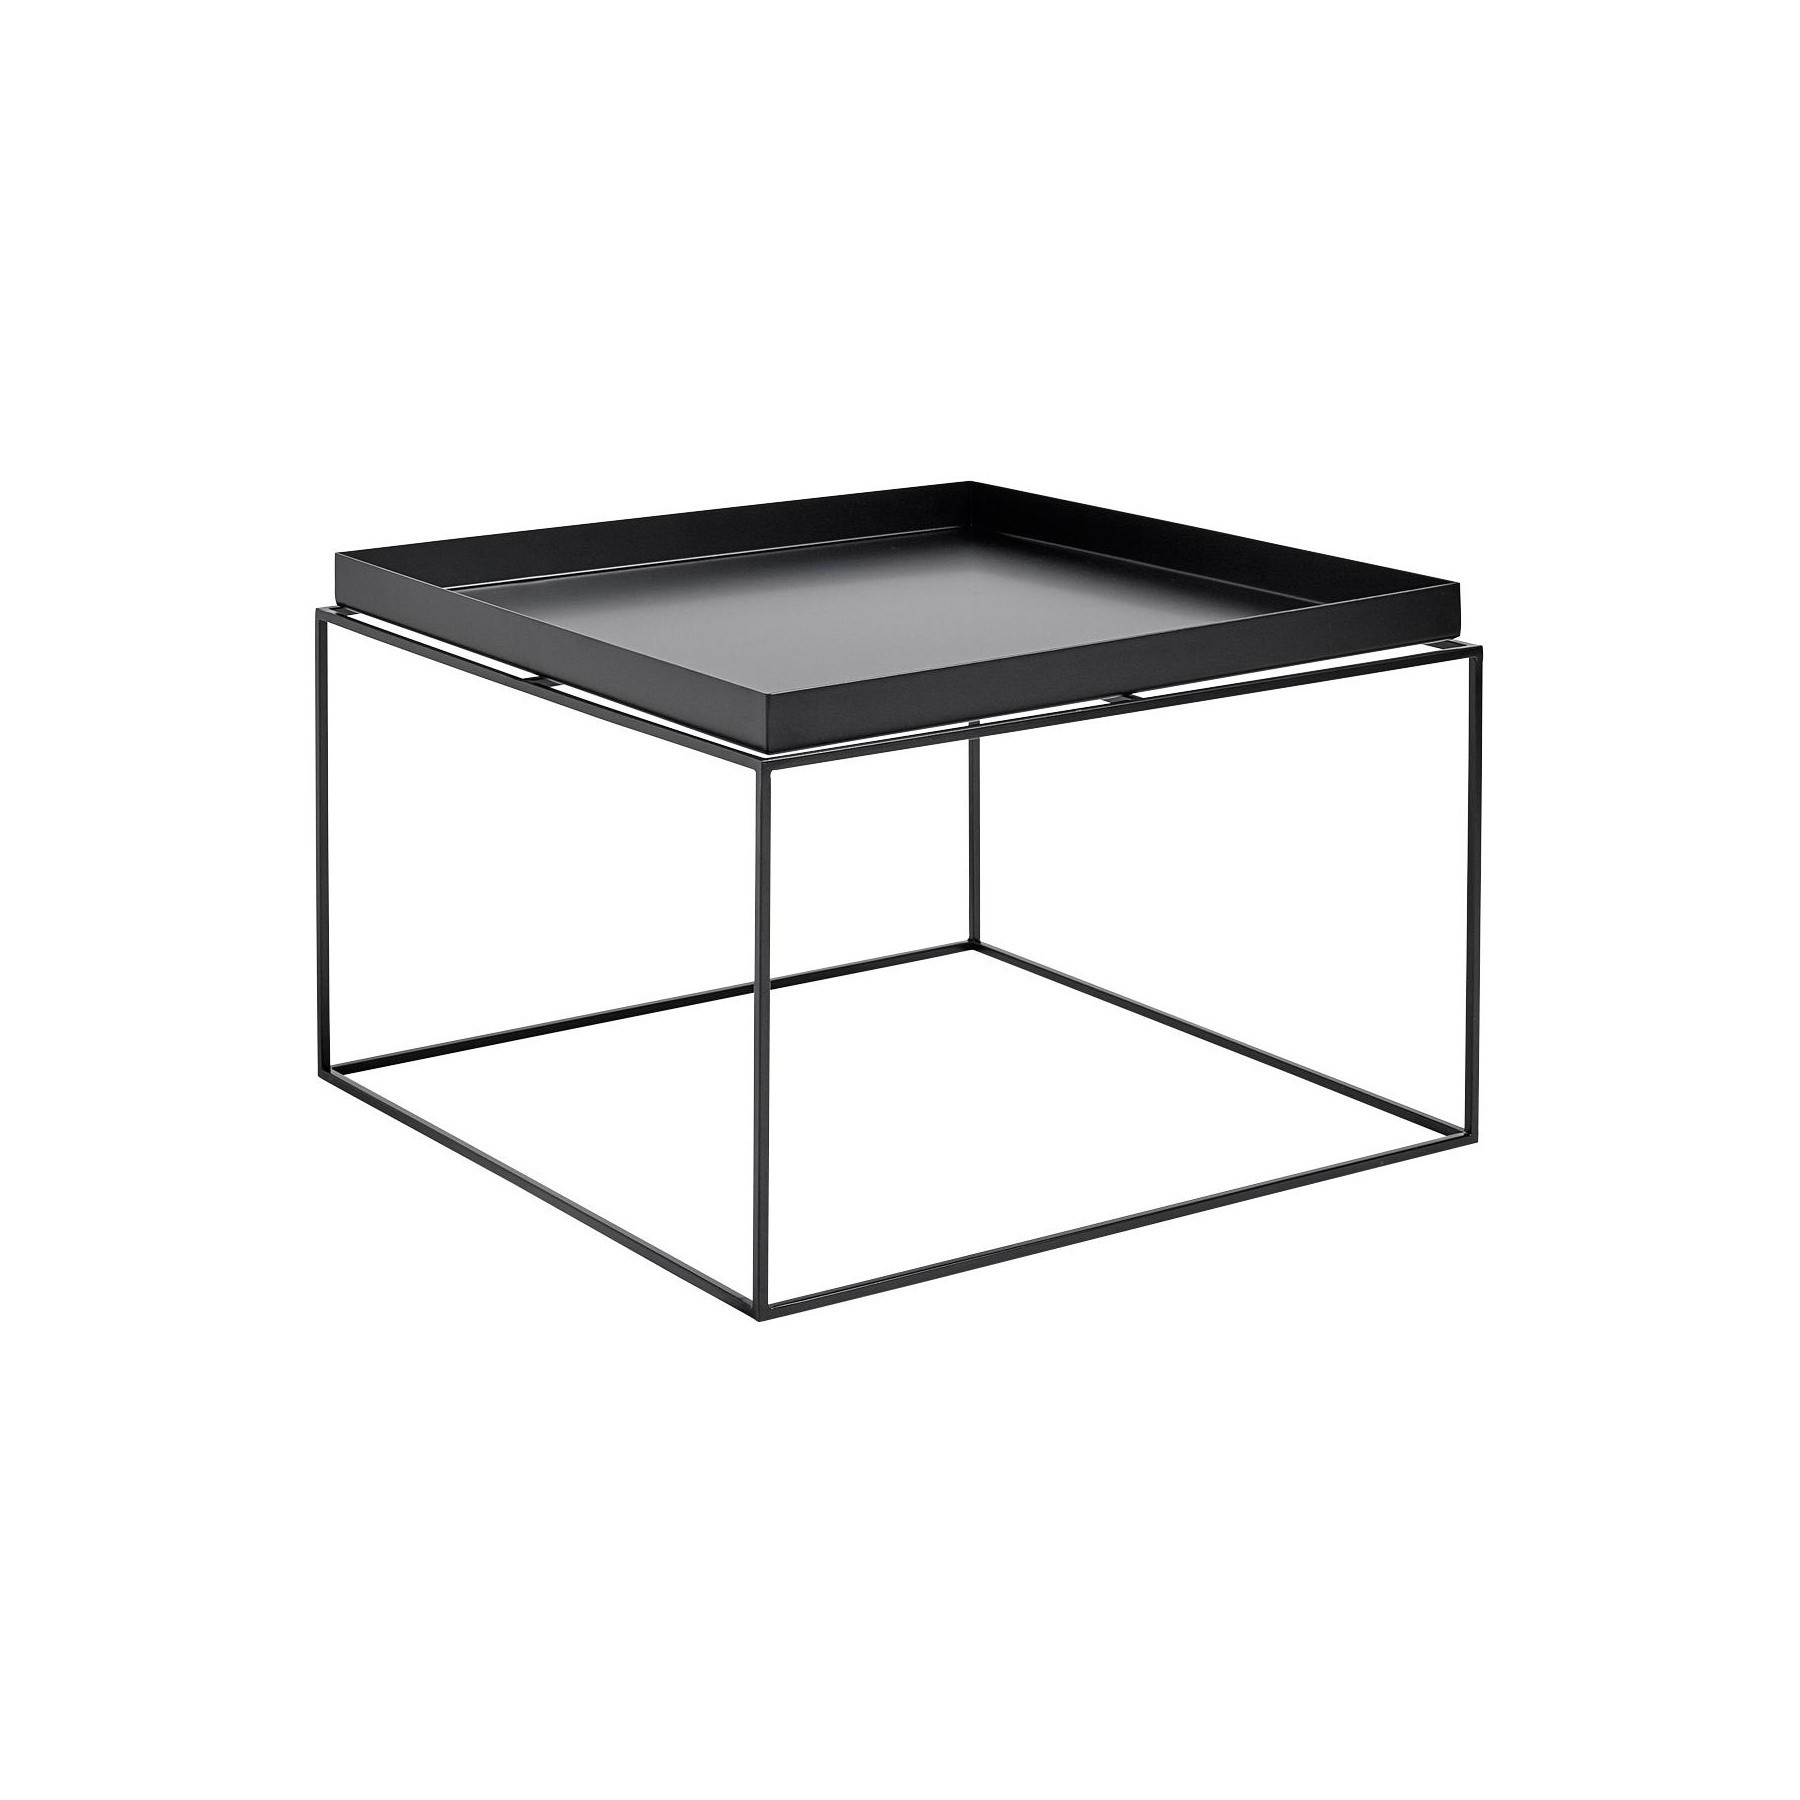 High Quality ... HAY   Tray Coffee Table   Black/60x60x39cm ...